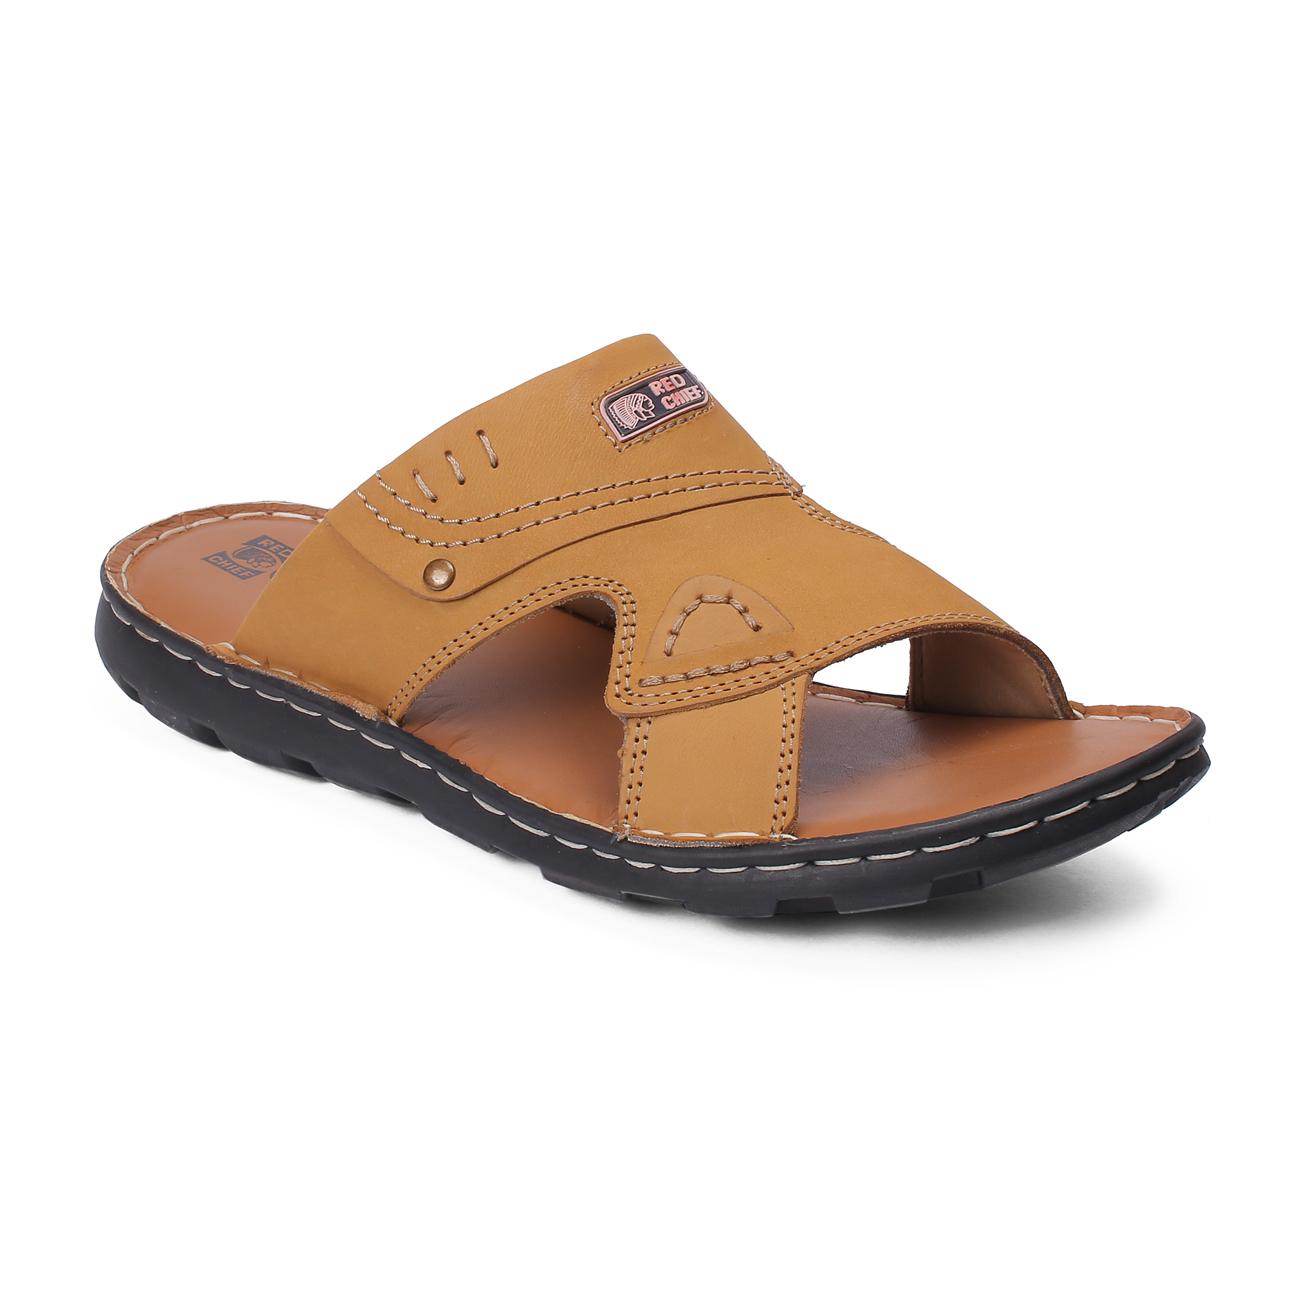 RED CHIEF | Beige Sandals